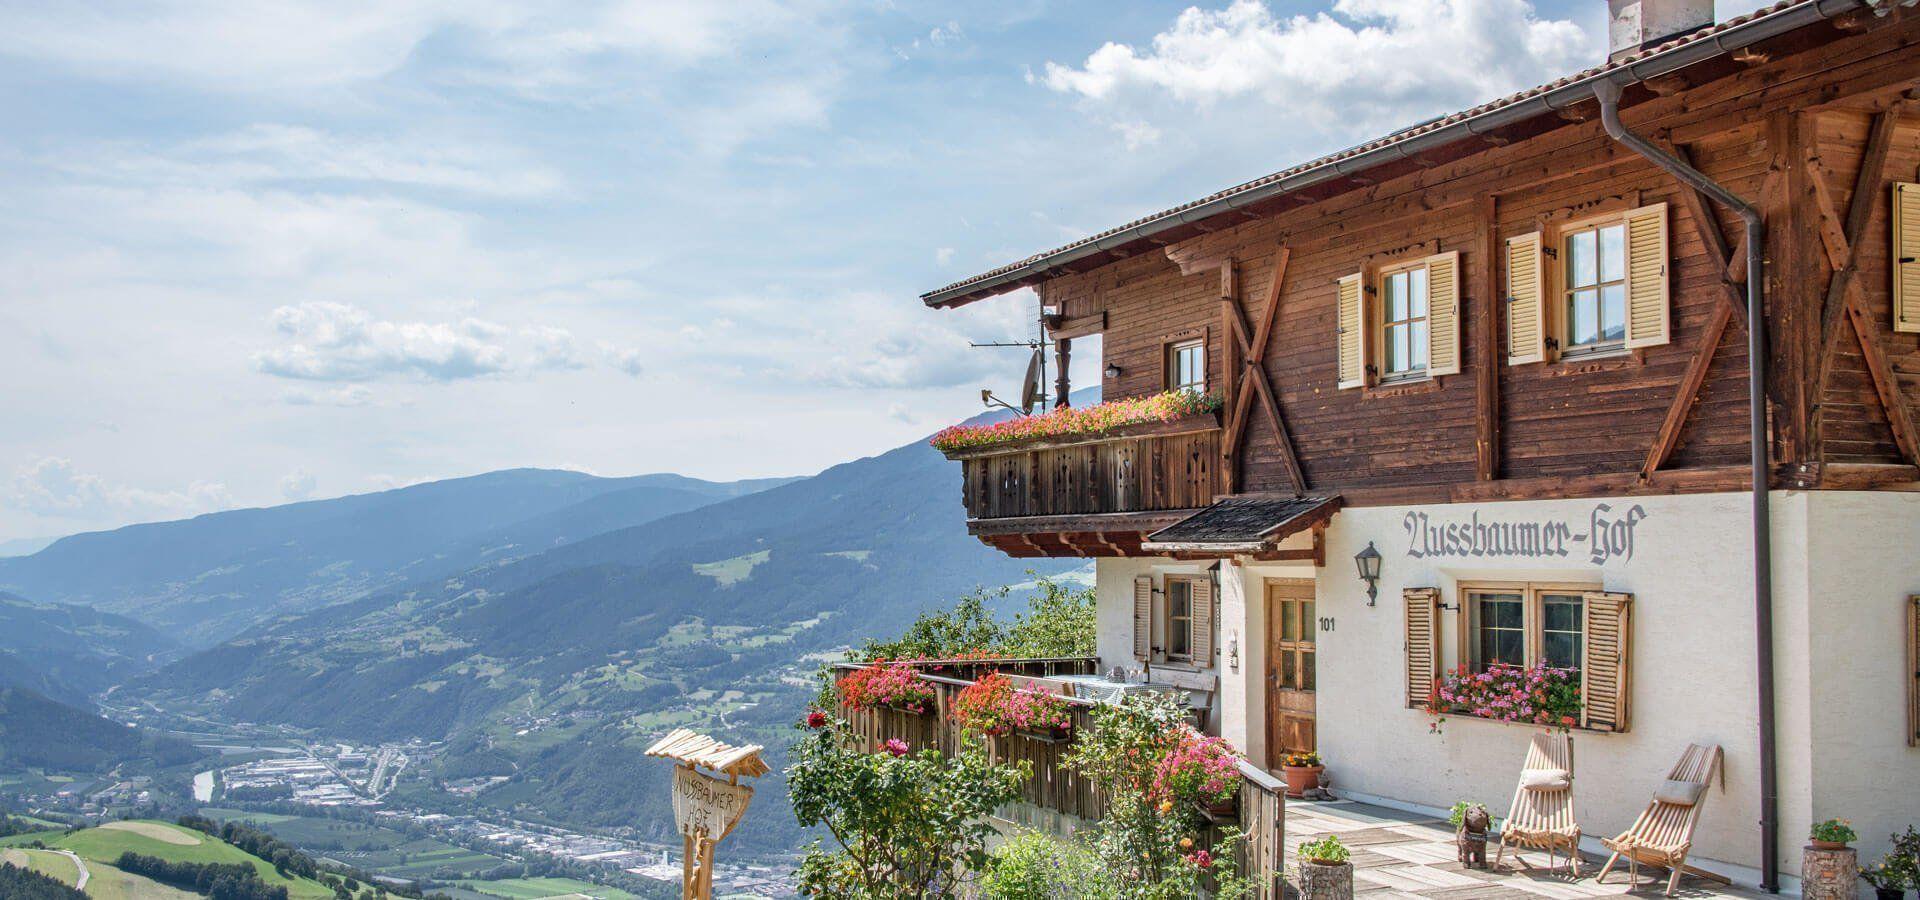 Urlaub Auf Dem Bauernhof In Sudtirol Mit Schwimmbad Pool Mit Aussicht Allgau Ferienhaus Bauernhof Sudtirol Allgau Urlaub